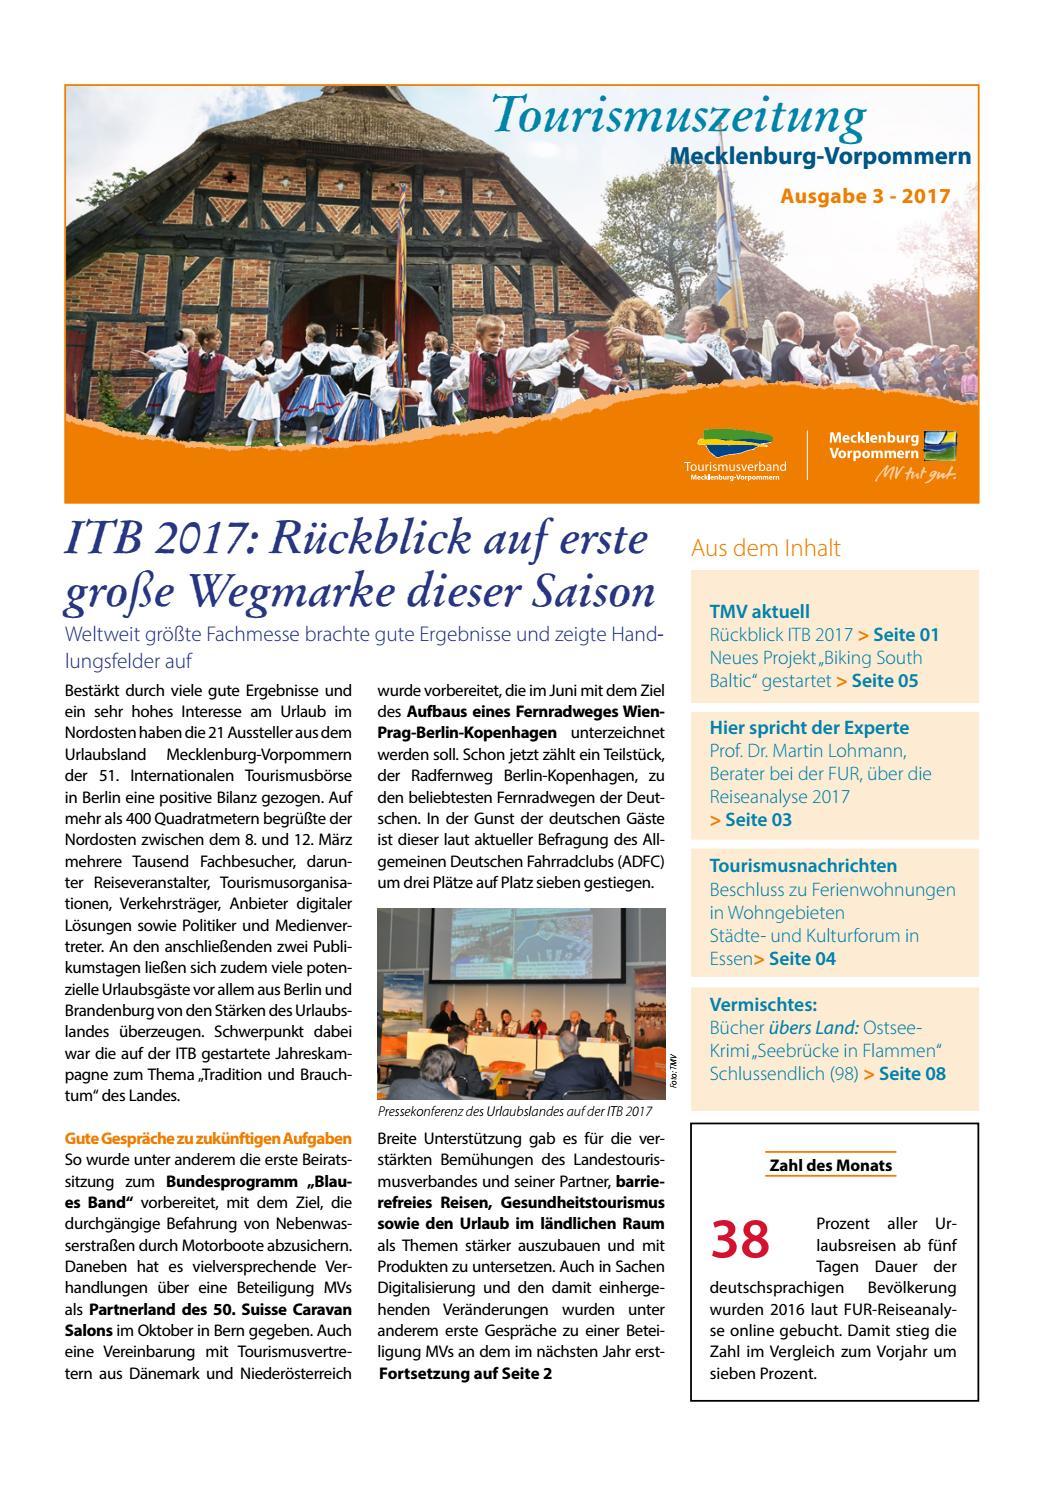 03/2017 Tourismuszeitung Mecklenburg-Vorpommern by Tourismusverband  Mecklenburg-Vorpommern e. V. - issuu